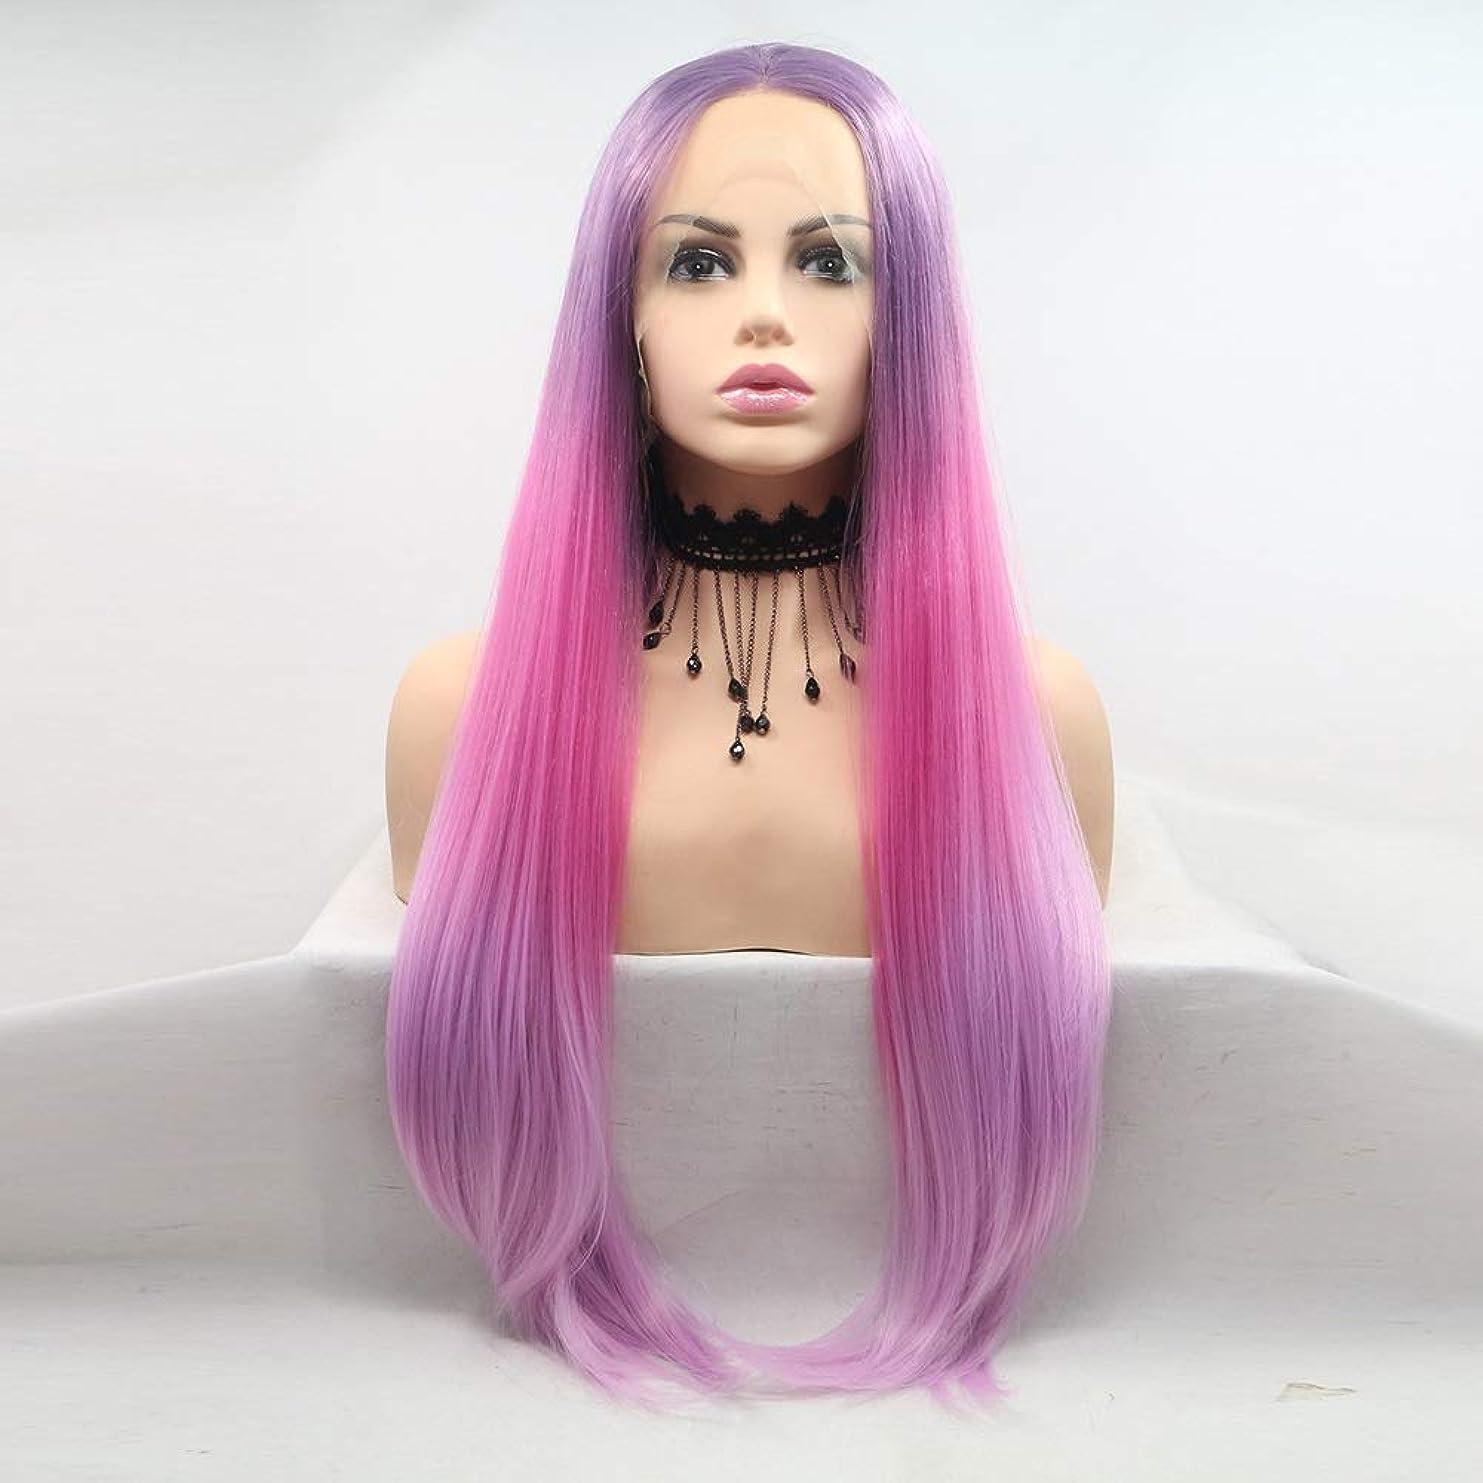 責めキッチンぐったりZXF フロントレースの化学繊維かつら女性の紫色のグラデーションロングヘアストレートヘアヨーロッパやアメリカンスタイルのヘアセット 美しい